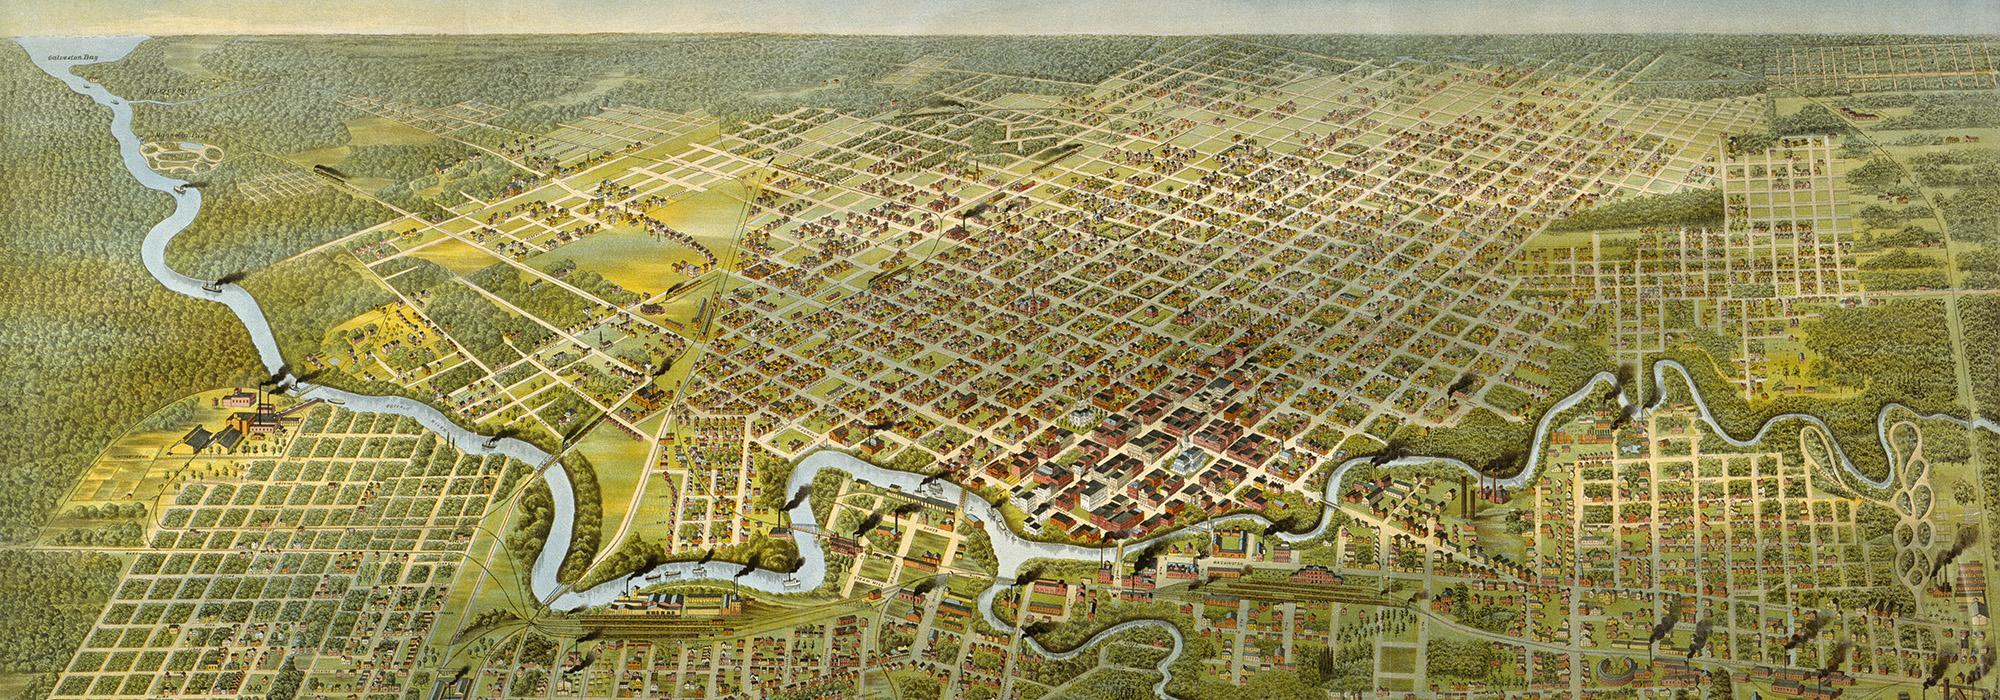 HoustonTX_map_hero_AL-Westyard (attributed)_1891.jpg